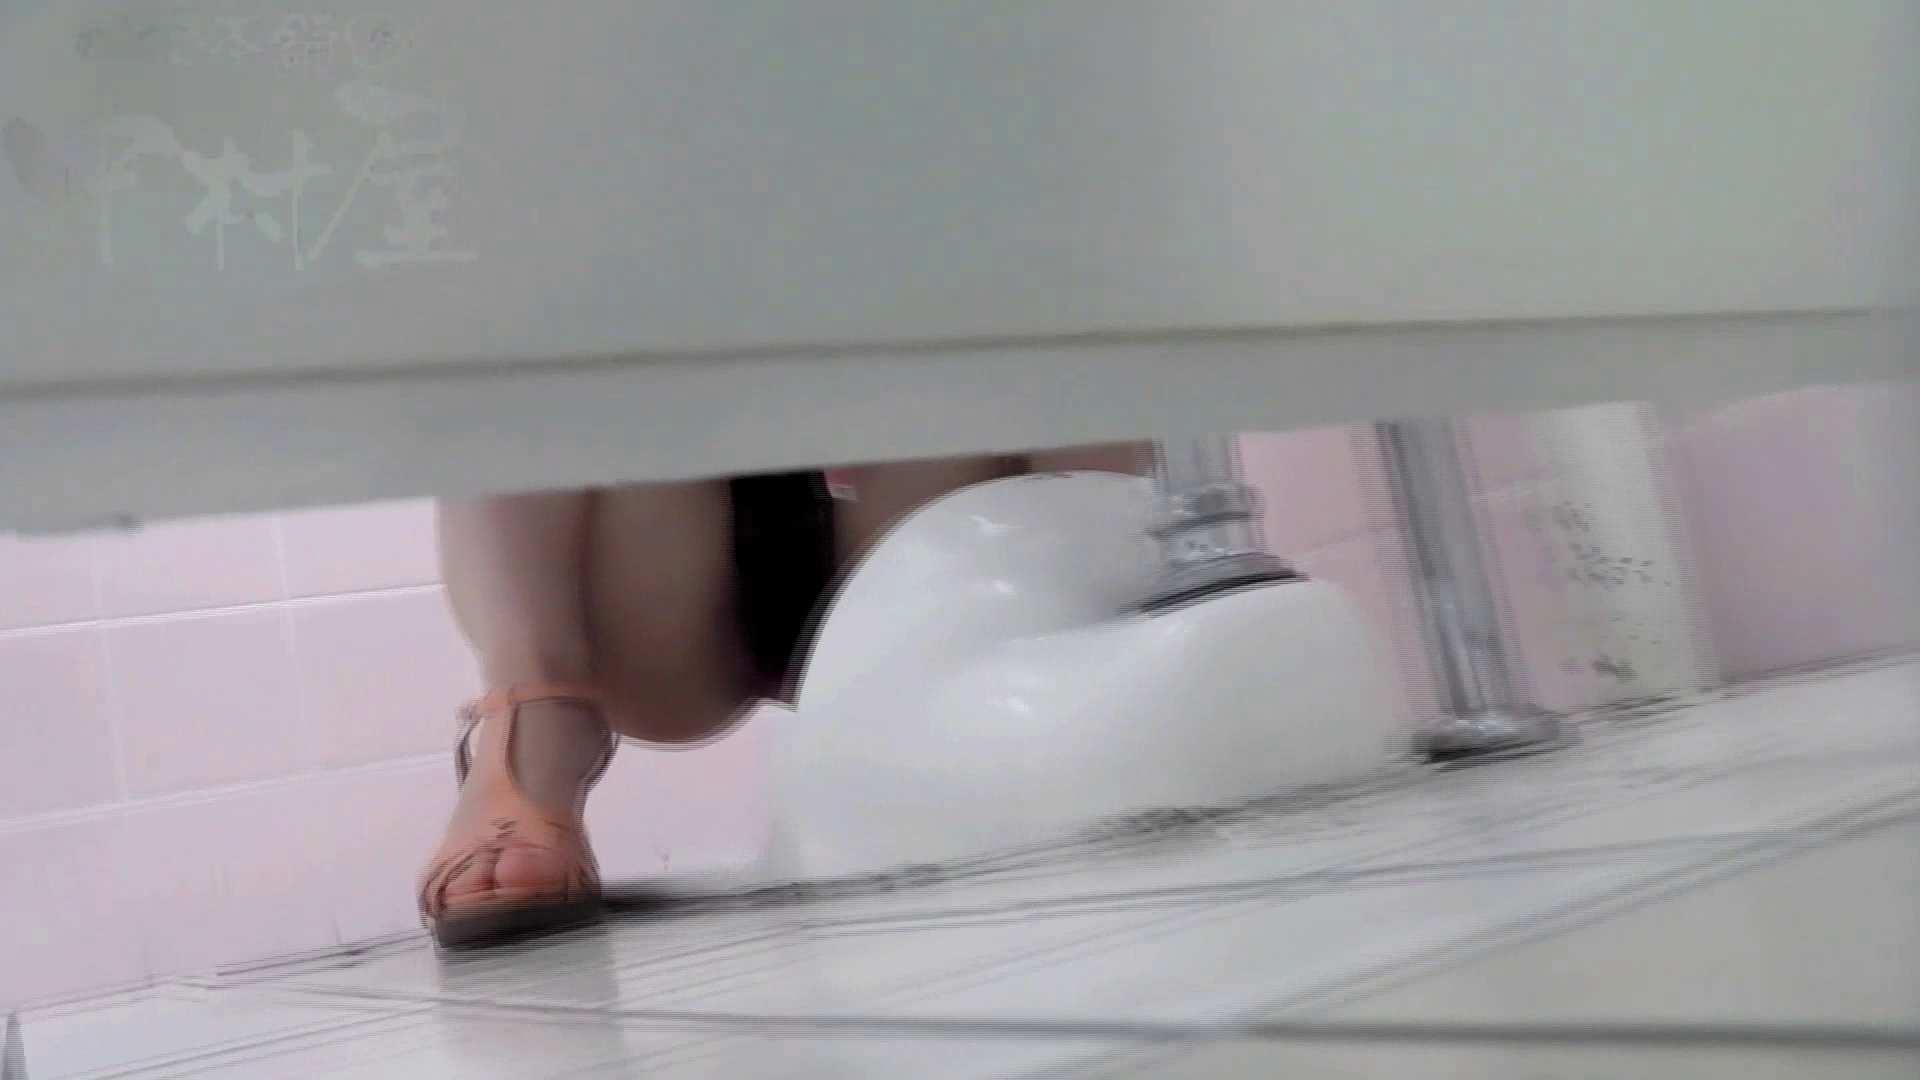 美しい日本の未来 No.17 番外編 ※※※閲覧注意※※※ エロい乙女 セックス画像 76枚